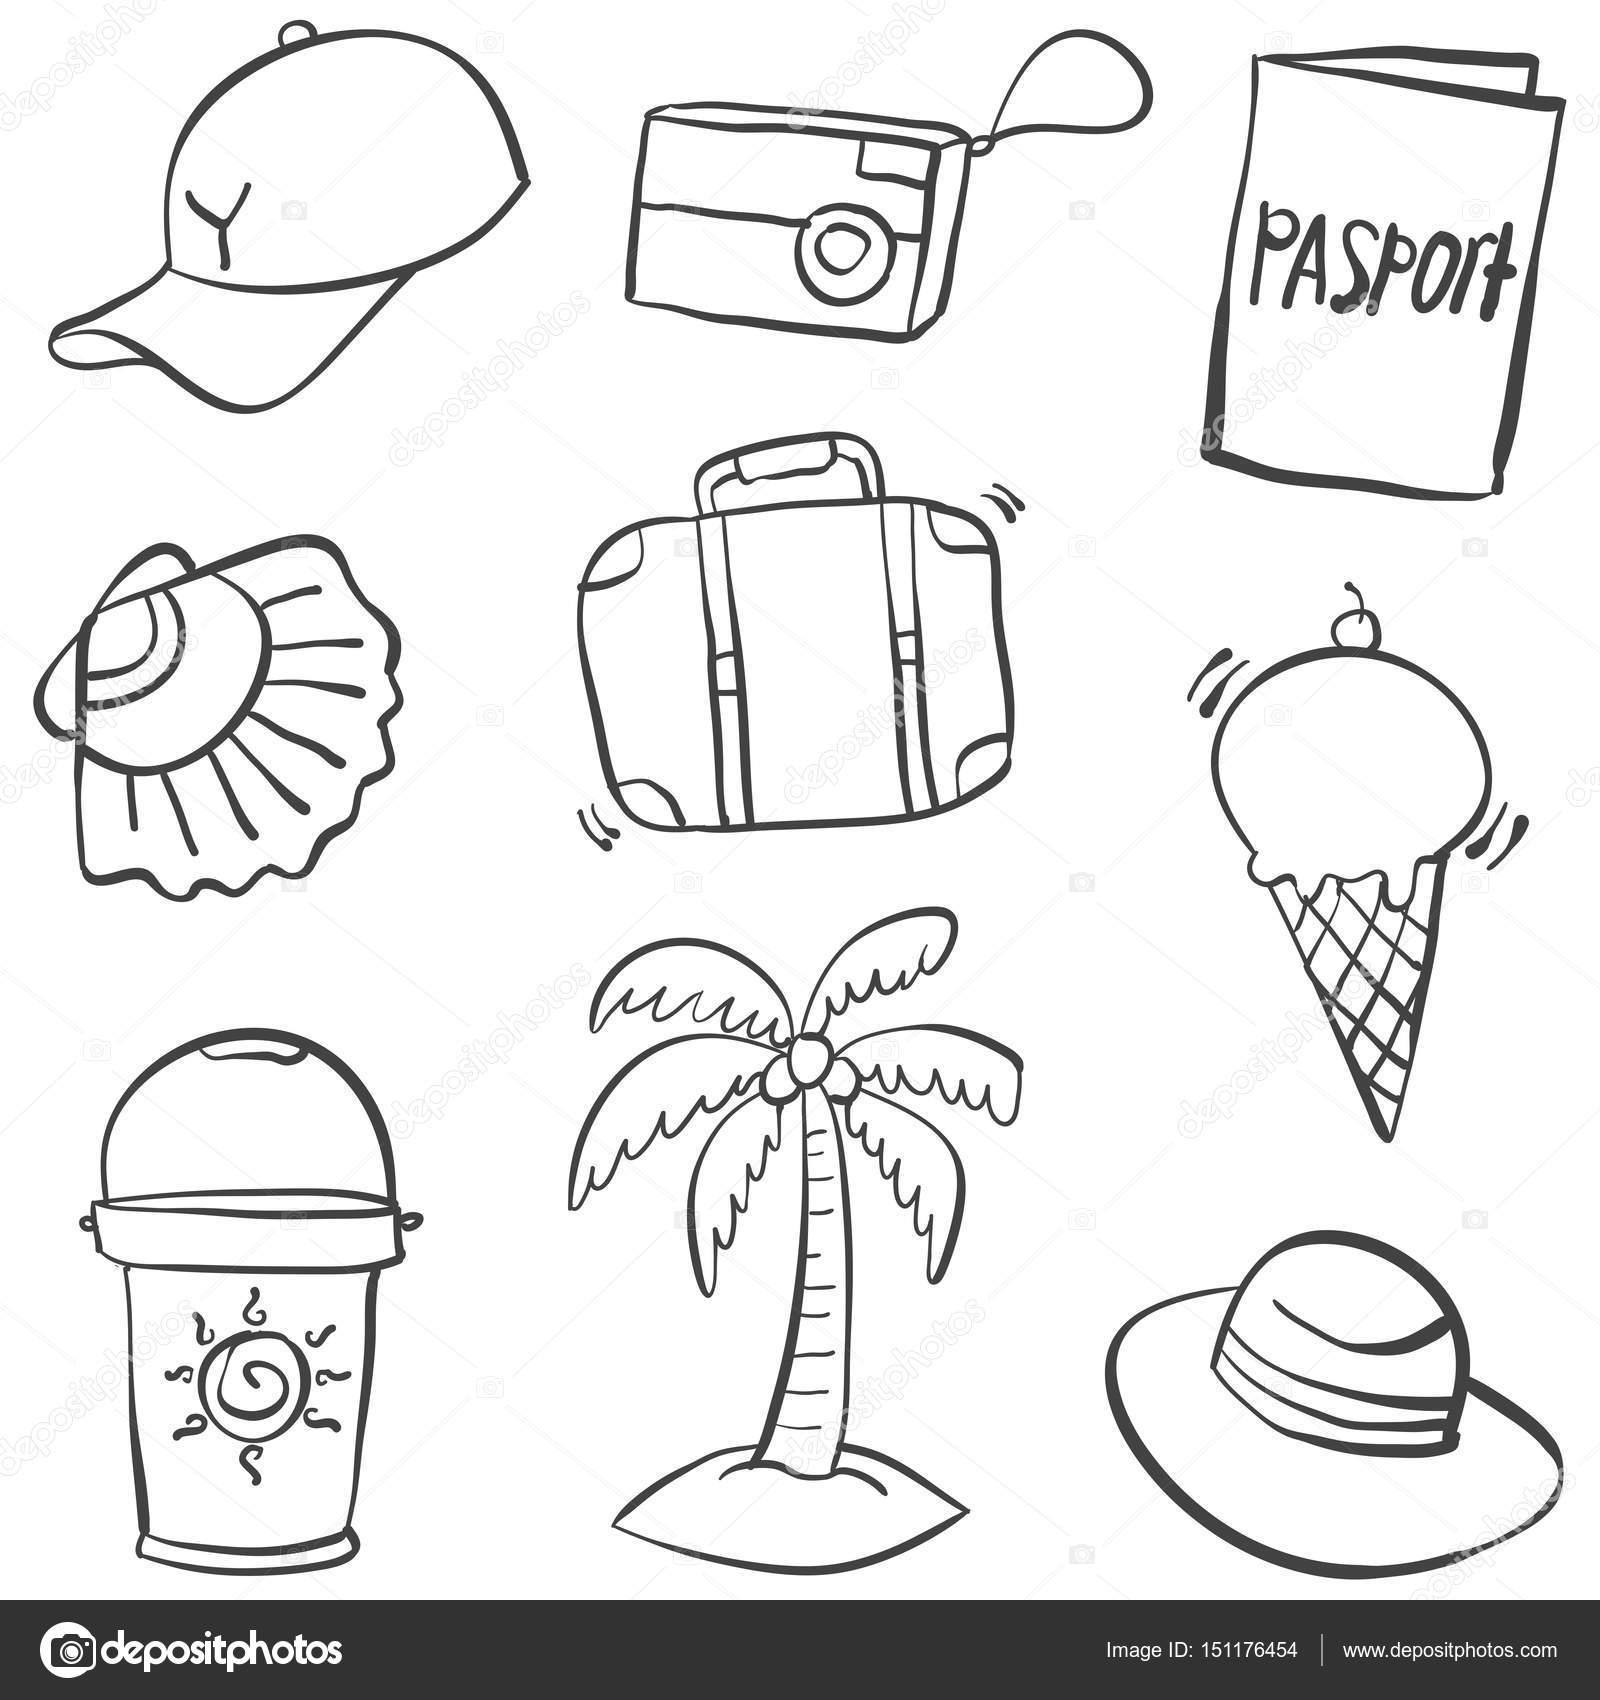 Yaz Nesne çizimi Doodle Stok Vektör Kongvector 151176454